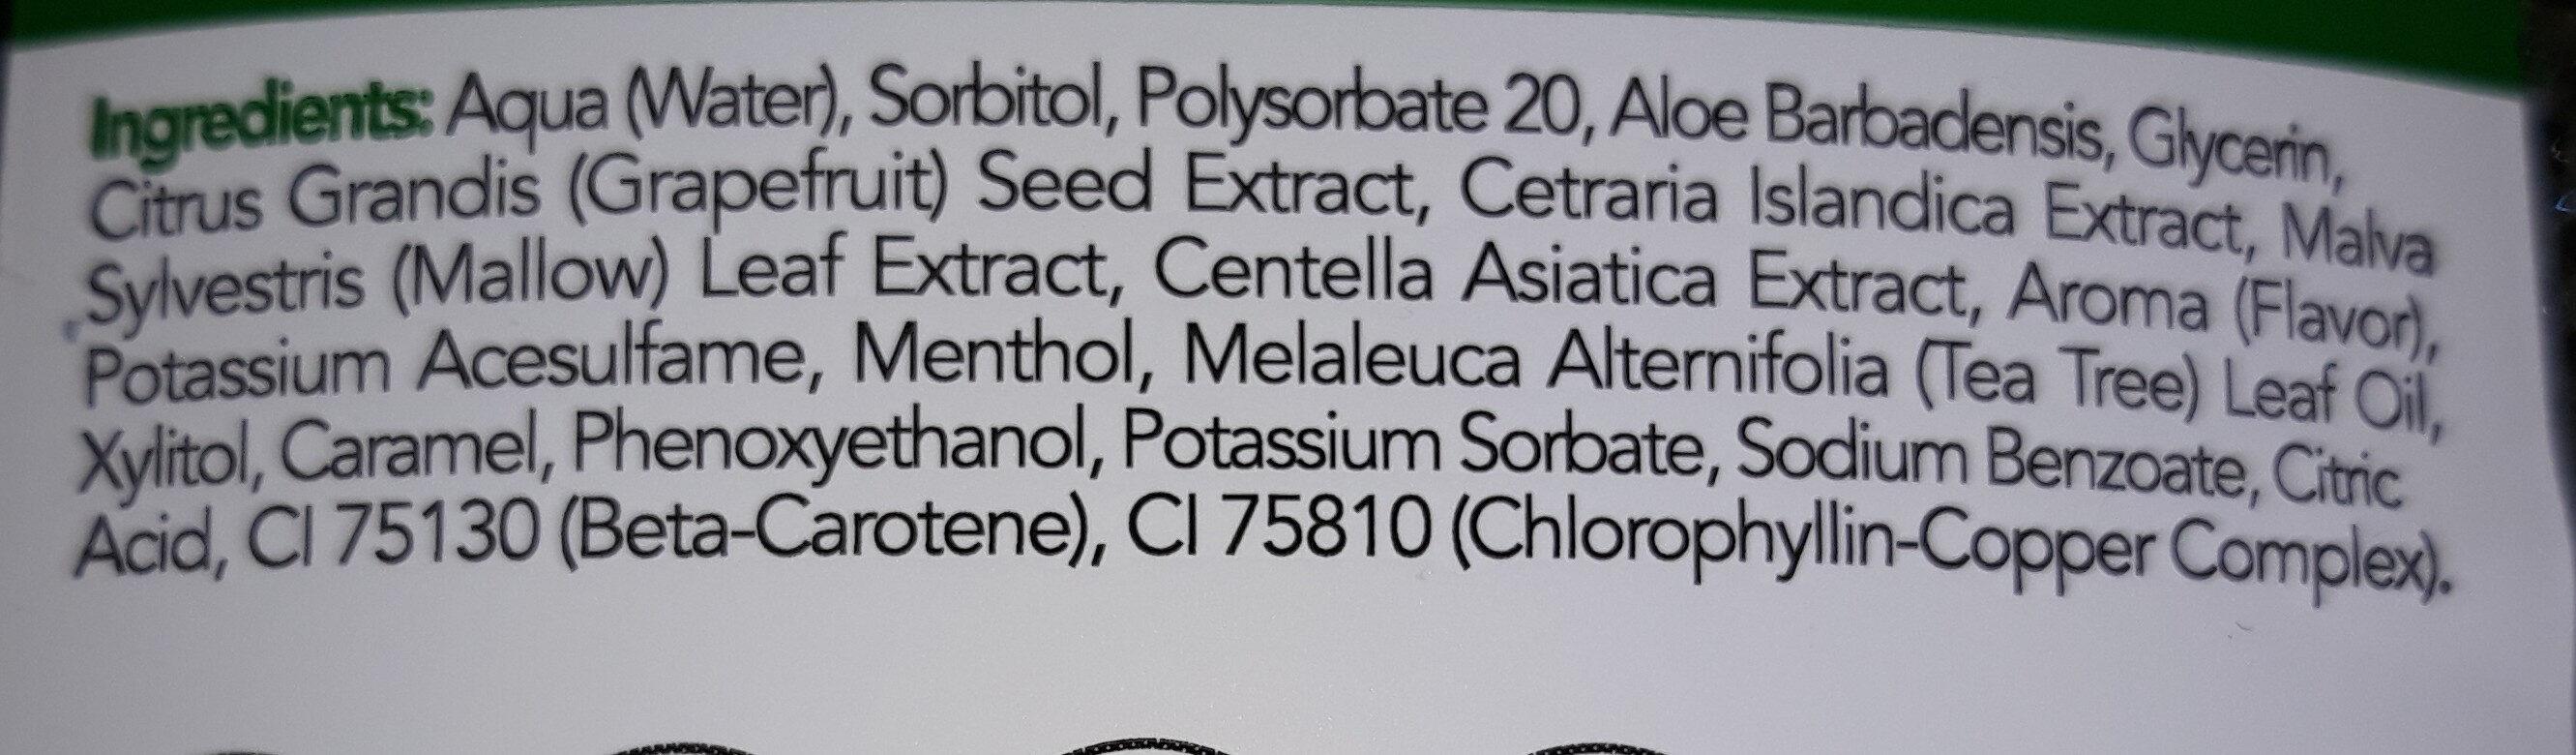 Aloe Collutorio Tripla Azione - Ingredients